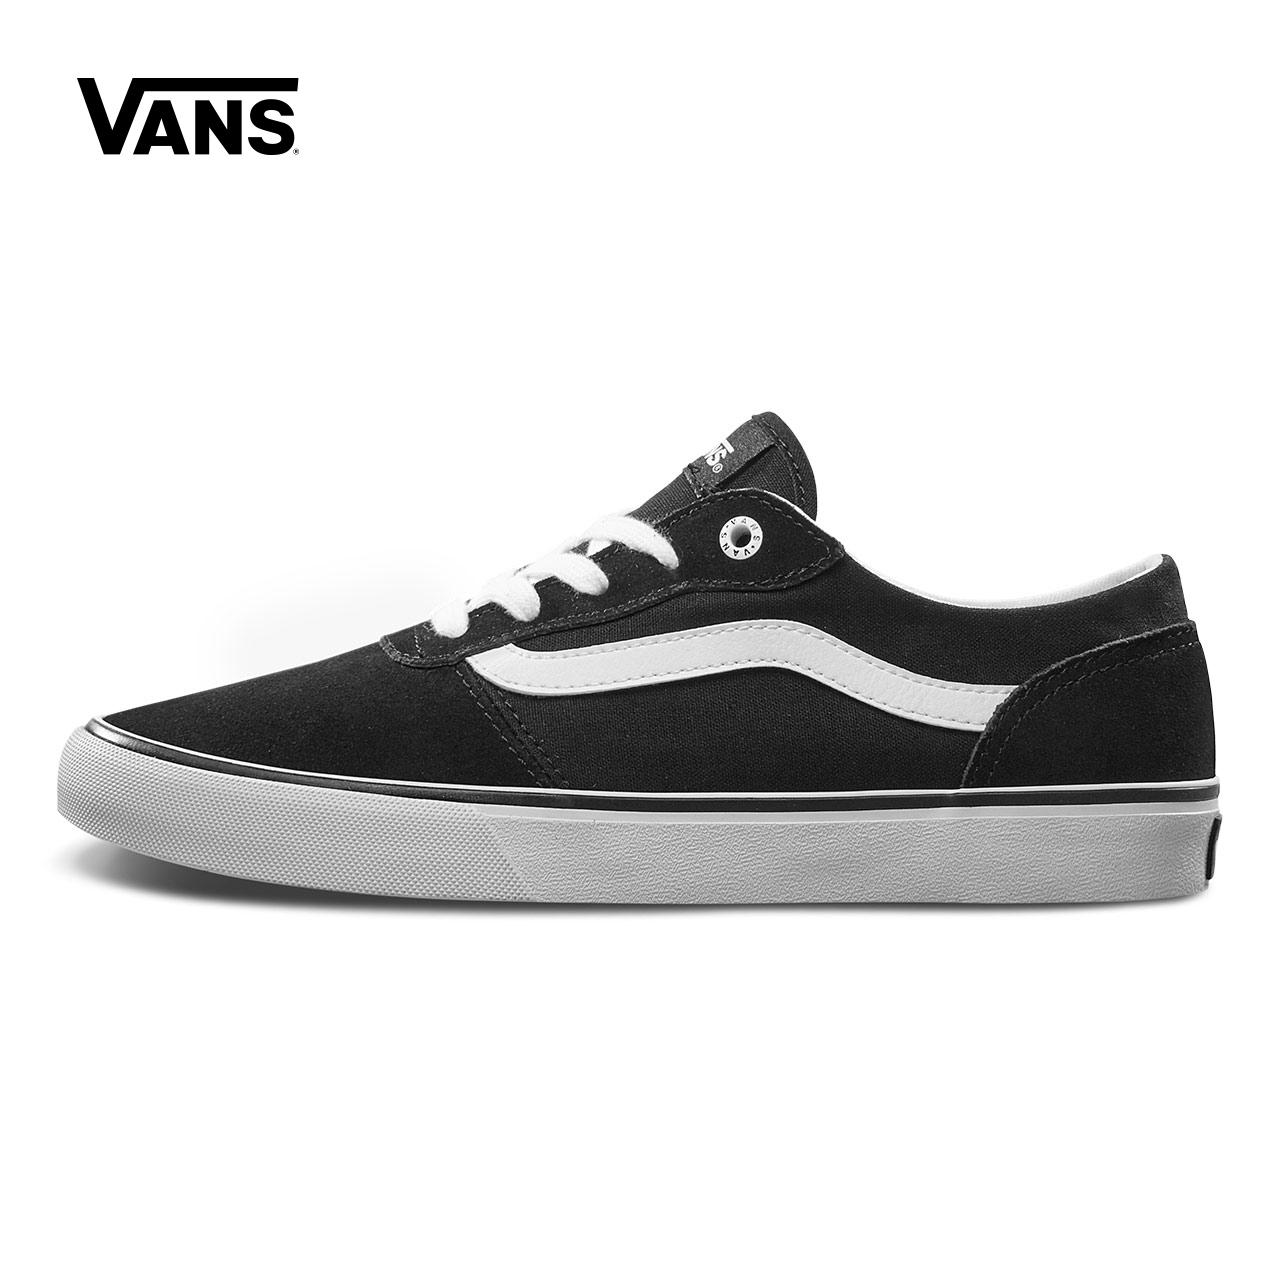 Vans範斯官方正品 黑色側邊條紋低幫女士運動休閒鞋